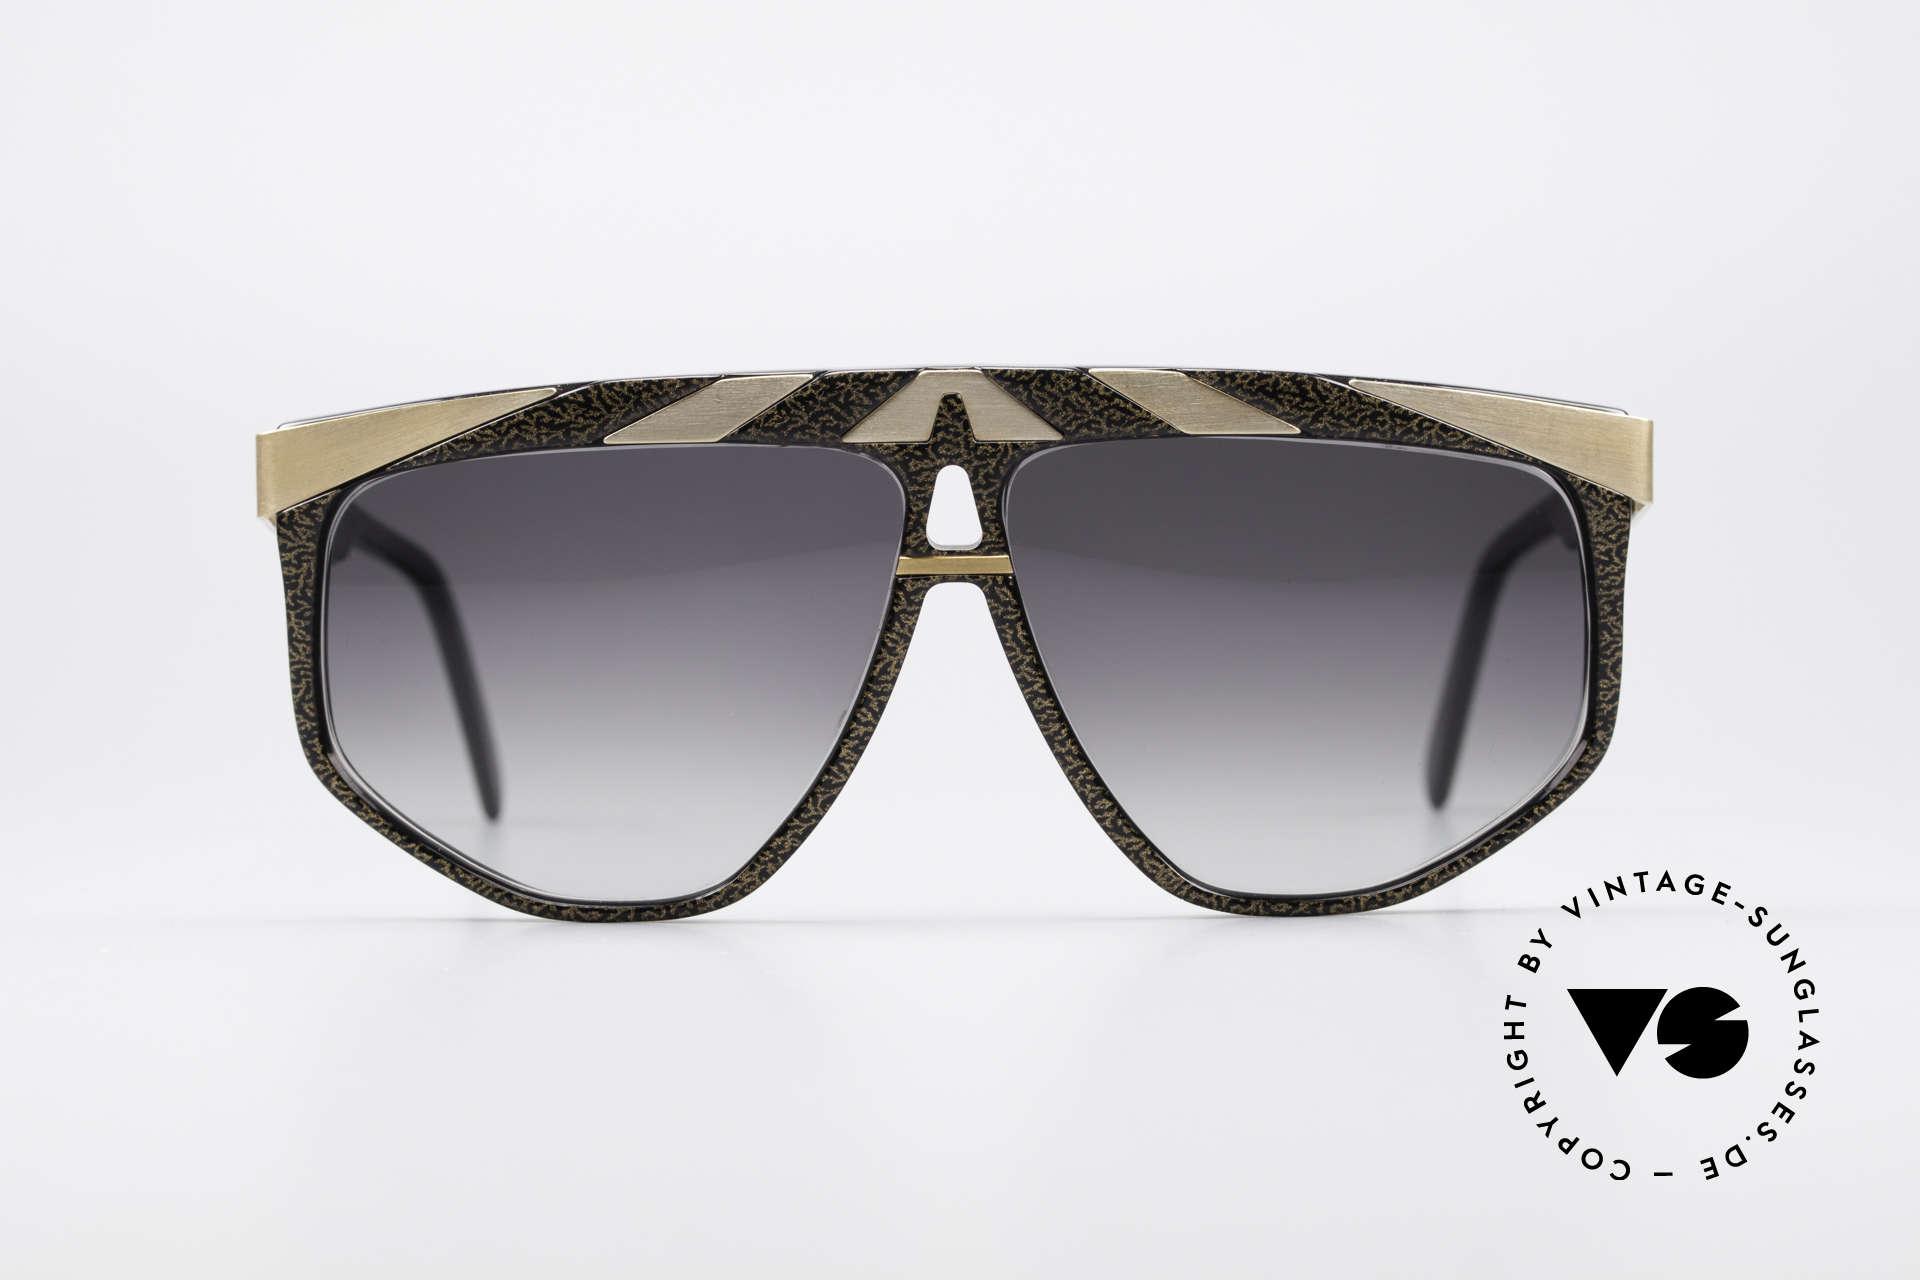 Alpina G82 Vergoldete 80er Sonnenbrille, außergewöhnliches Brillendesign in Farbe und Form, Passend für Herren und Damen